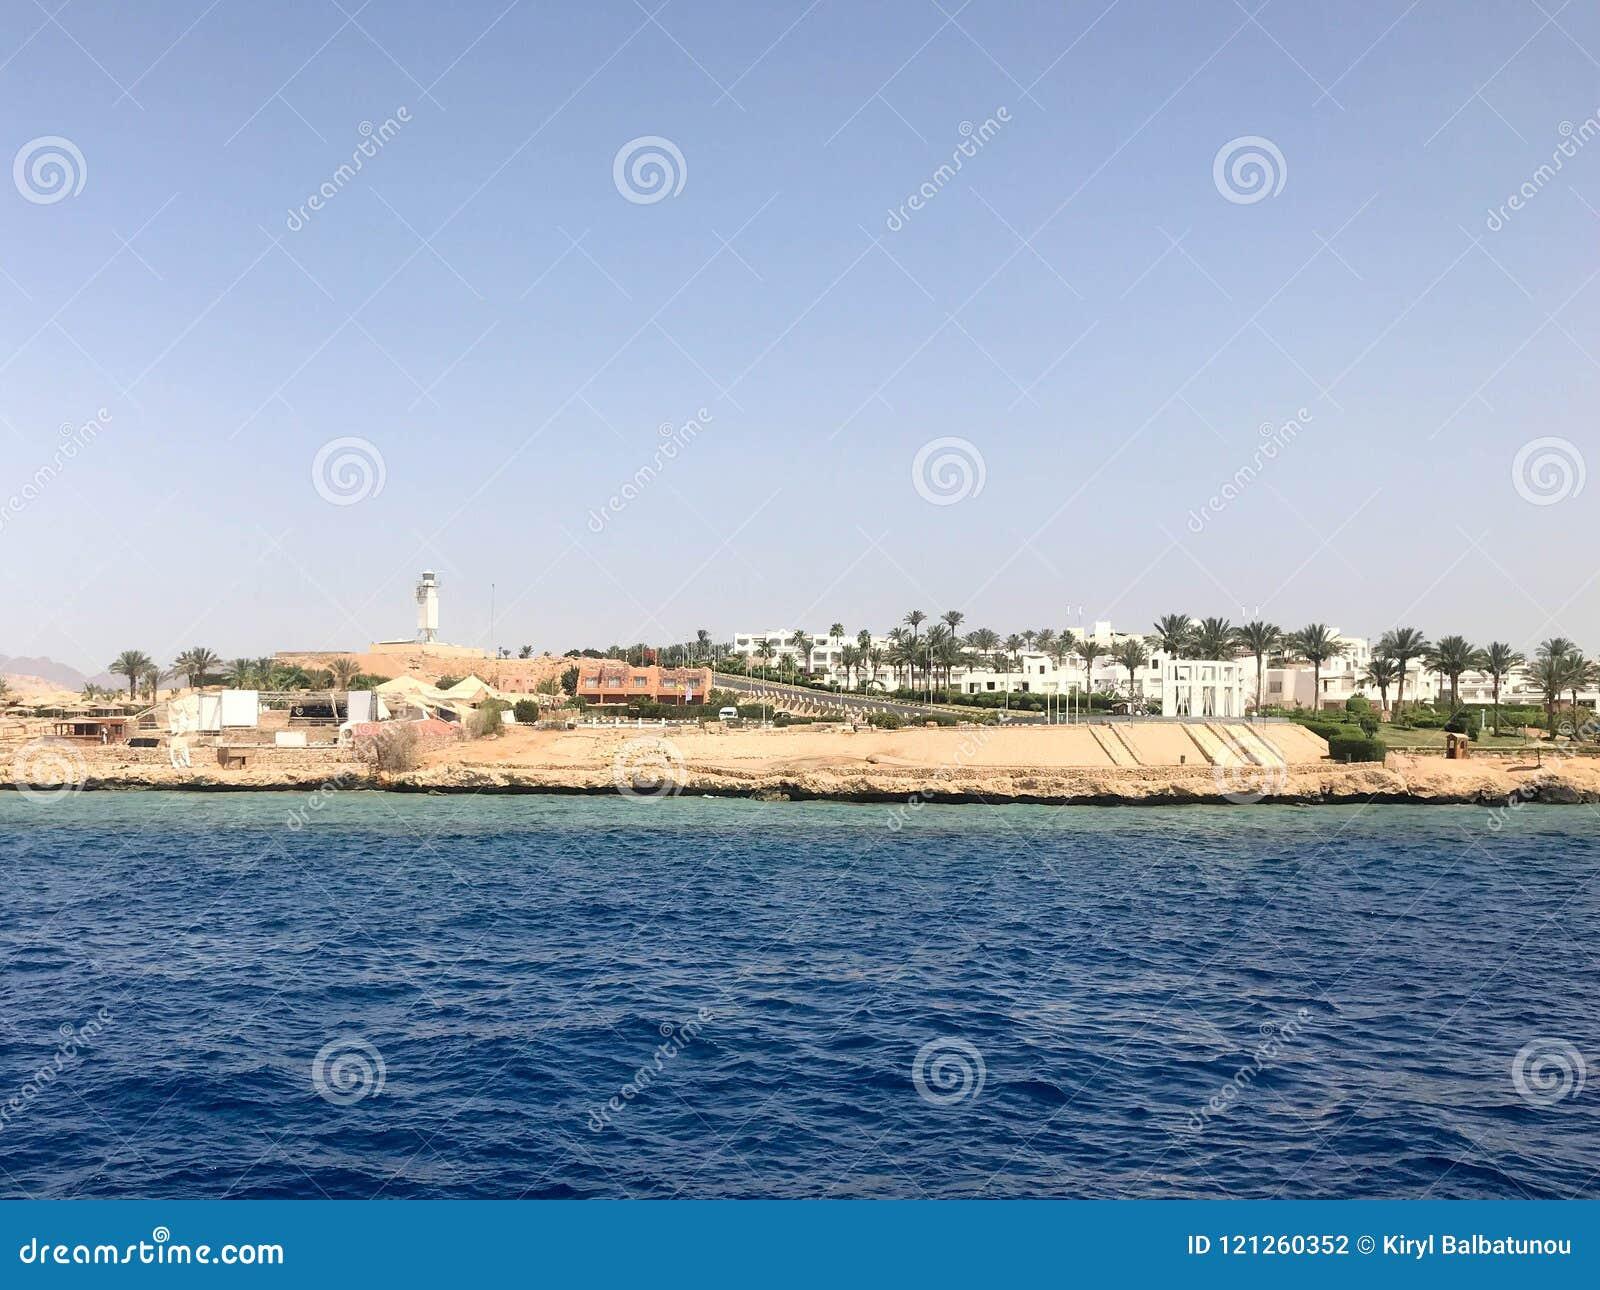 El paisaje marino de las montañas de piedra marrones hermosas distantes y de los diversos edificios en la orilla y el mar azul de